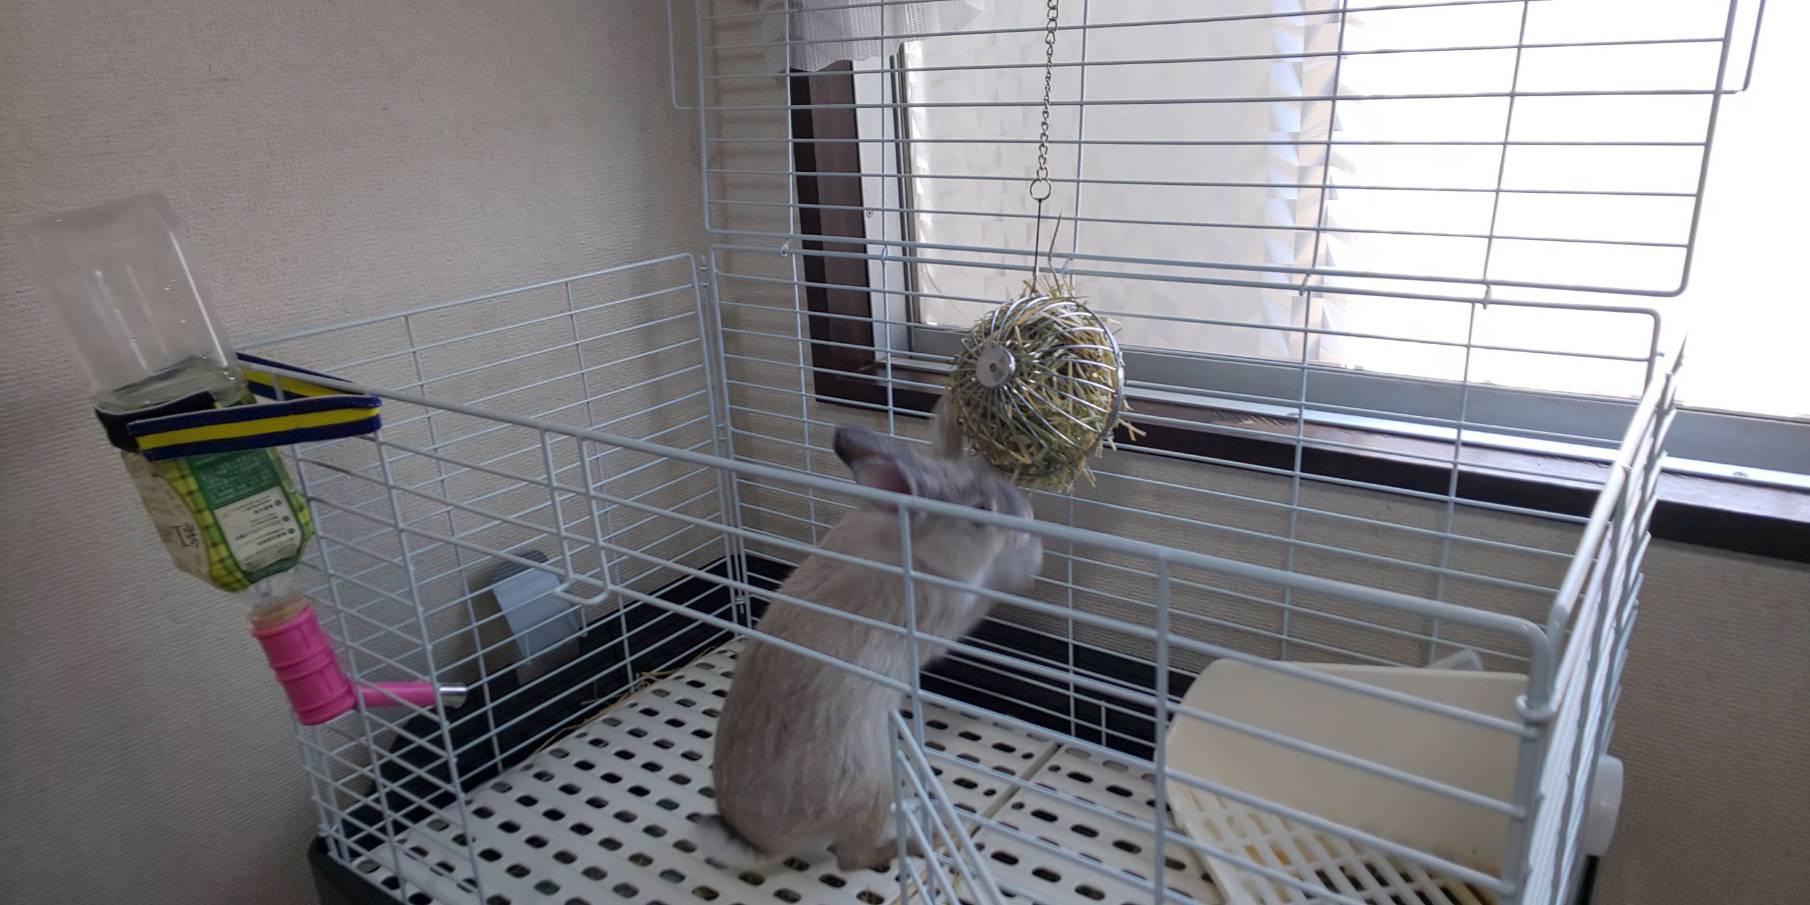 やはり俺のウサギは間違っている ③ ウサギのストレートパンチとかあるのかな?